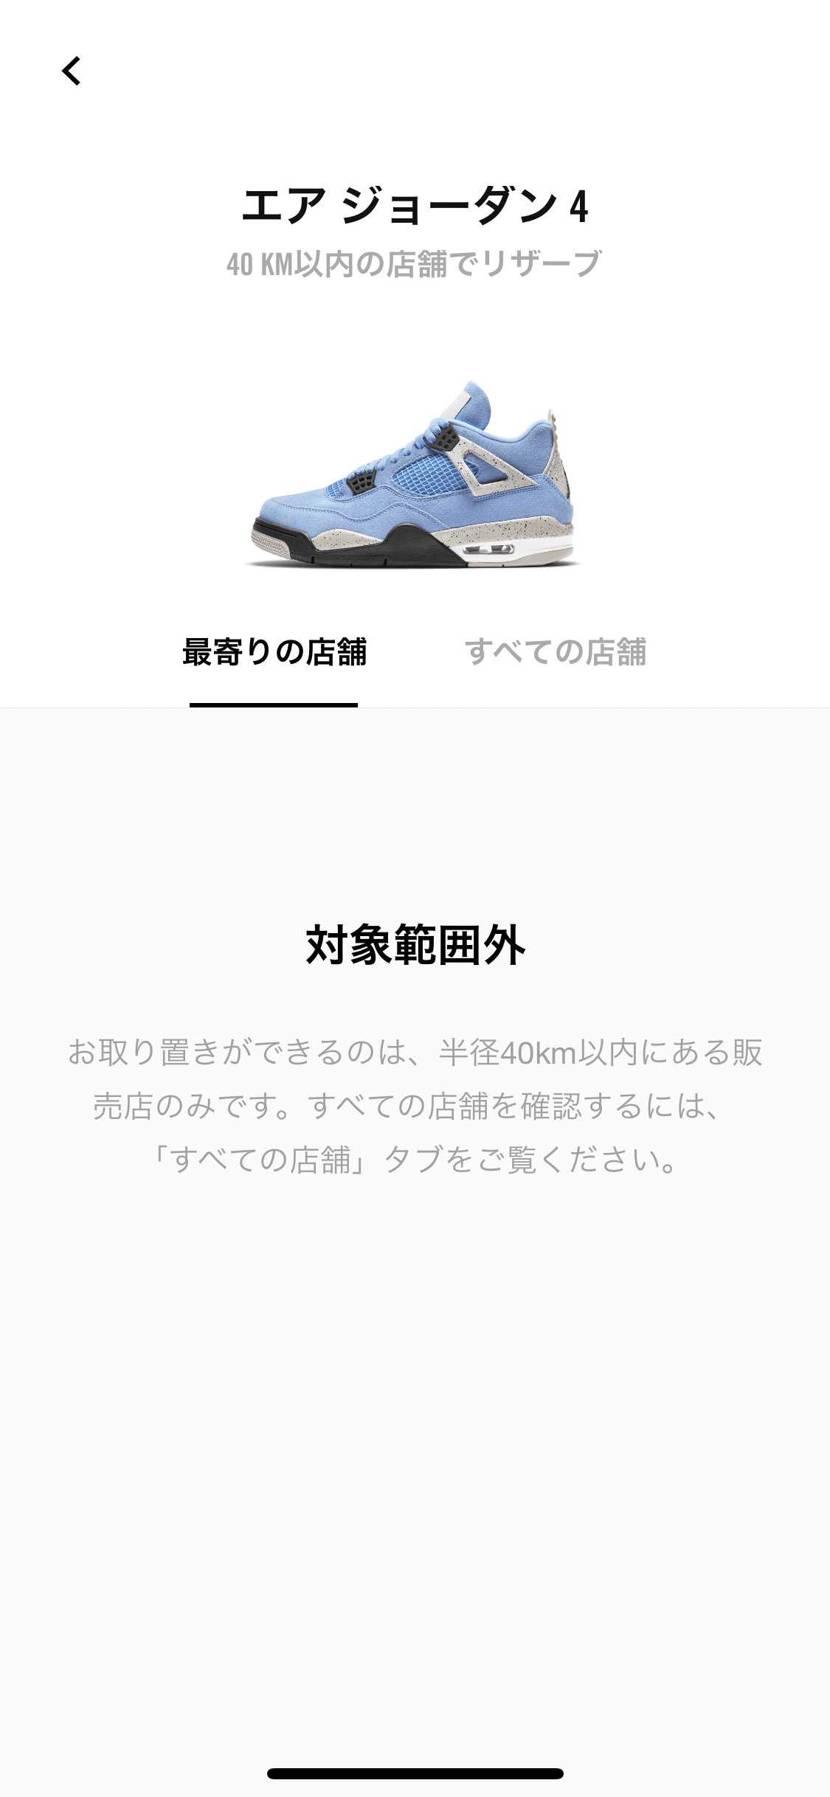 … … … 無縁_(┐「ε:)_ズコー